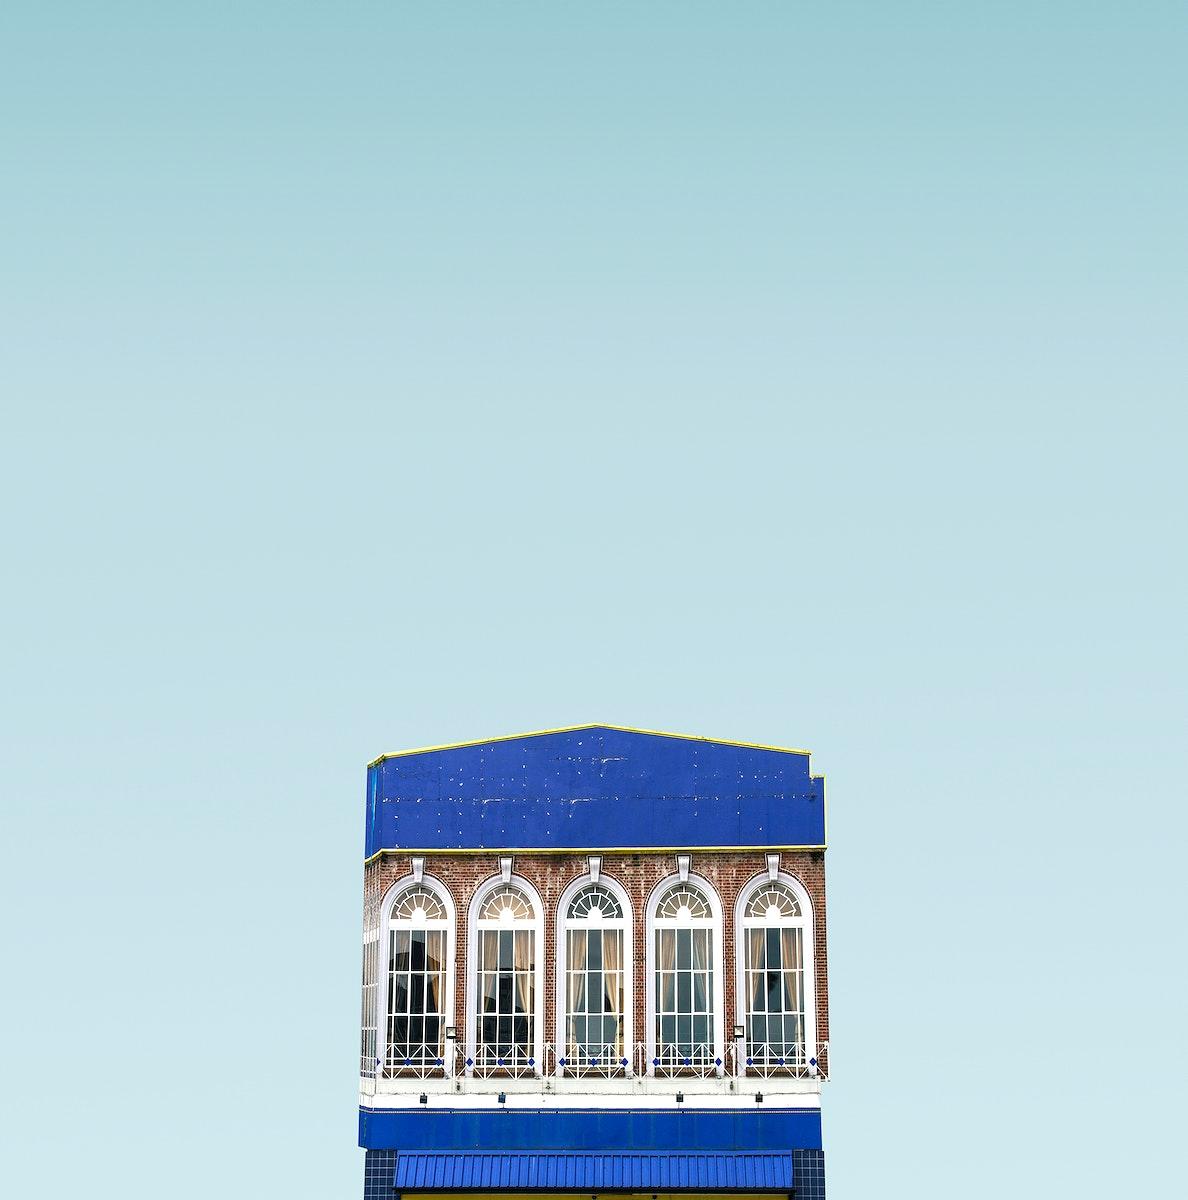 Old Bingo Club building, United Kingdom